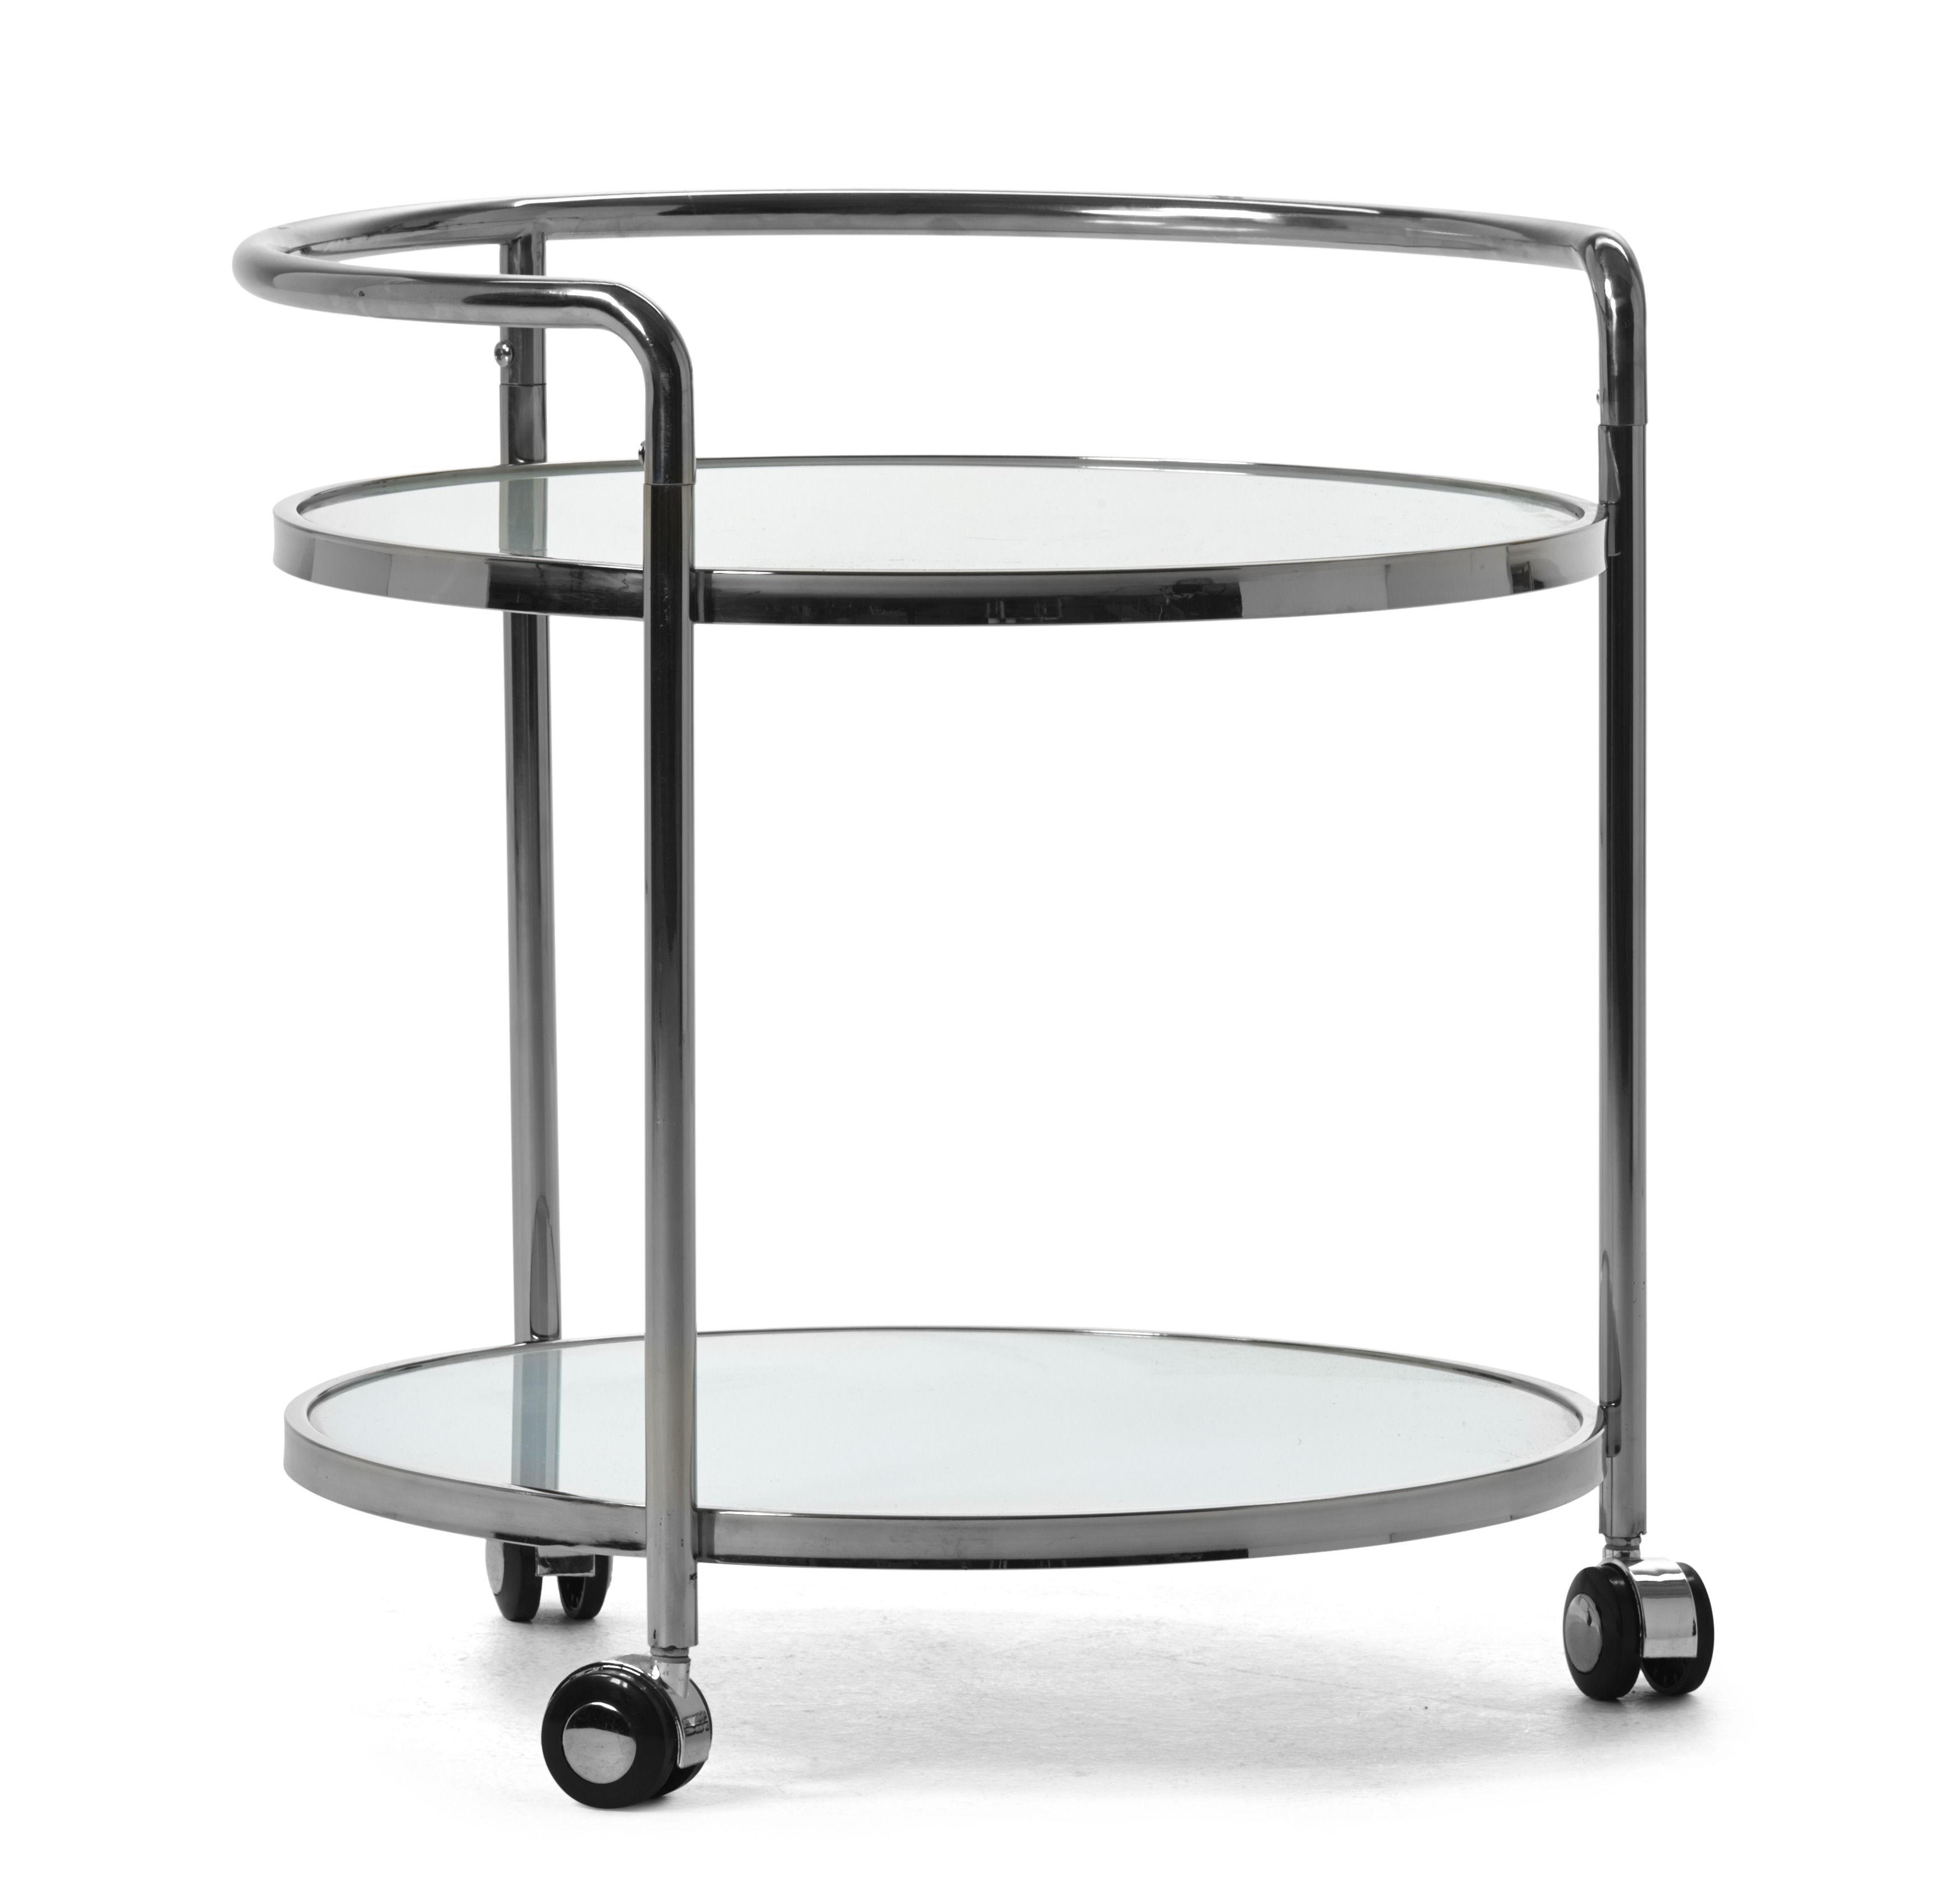 Runt sidobord med hjul som gör bordet lätt att flytta Underrede i rostfritt stål och skiva i